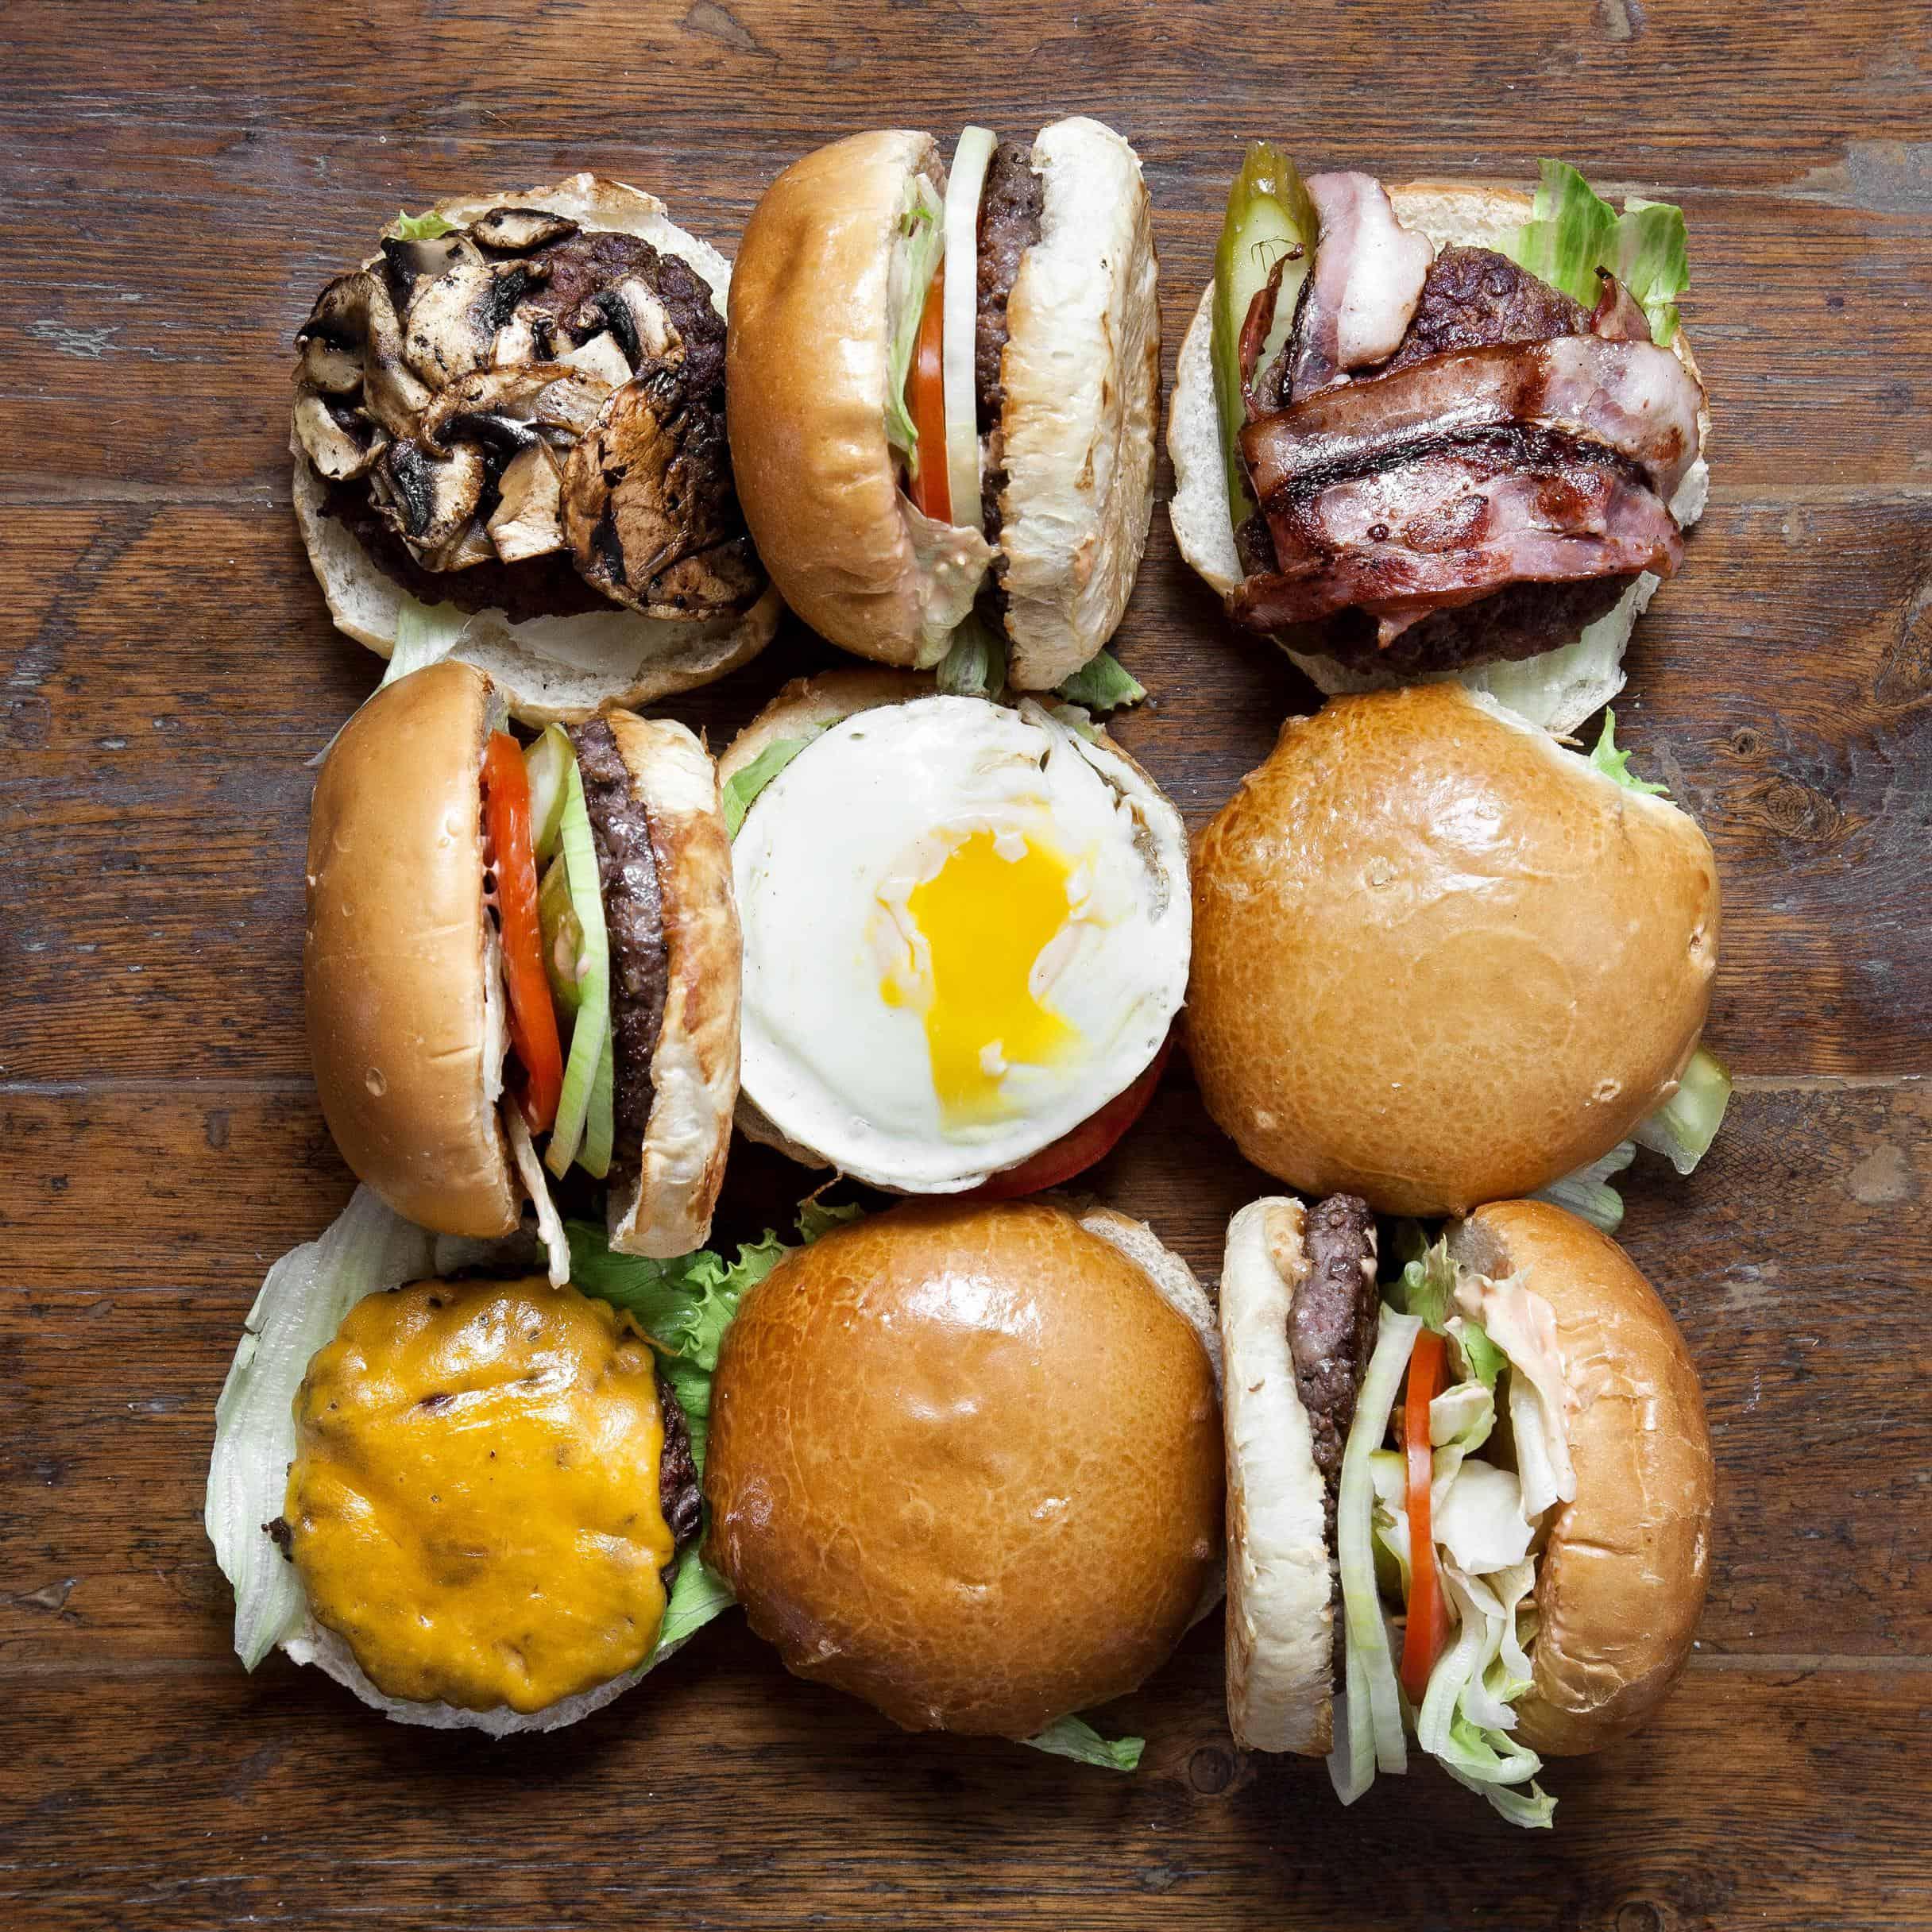 המבורגר מוגזם2 באגאדיר צילום תמוז רחמן